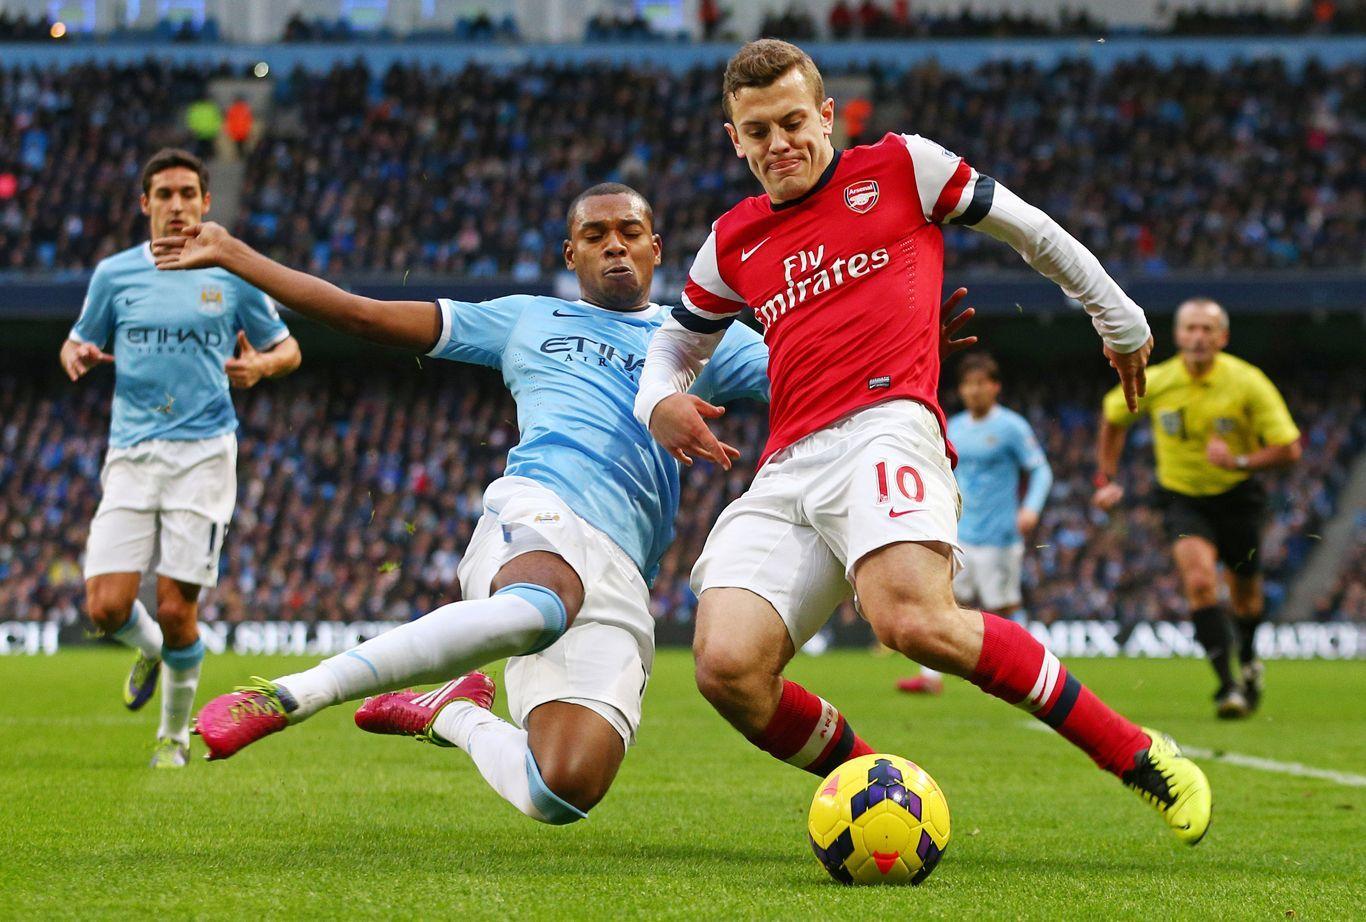 Прогноз на матч: Арсенал — Манчестер Сити